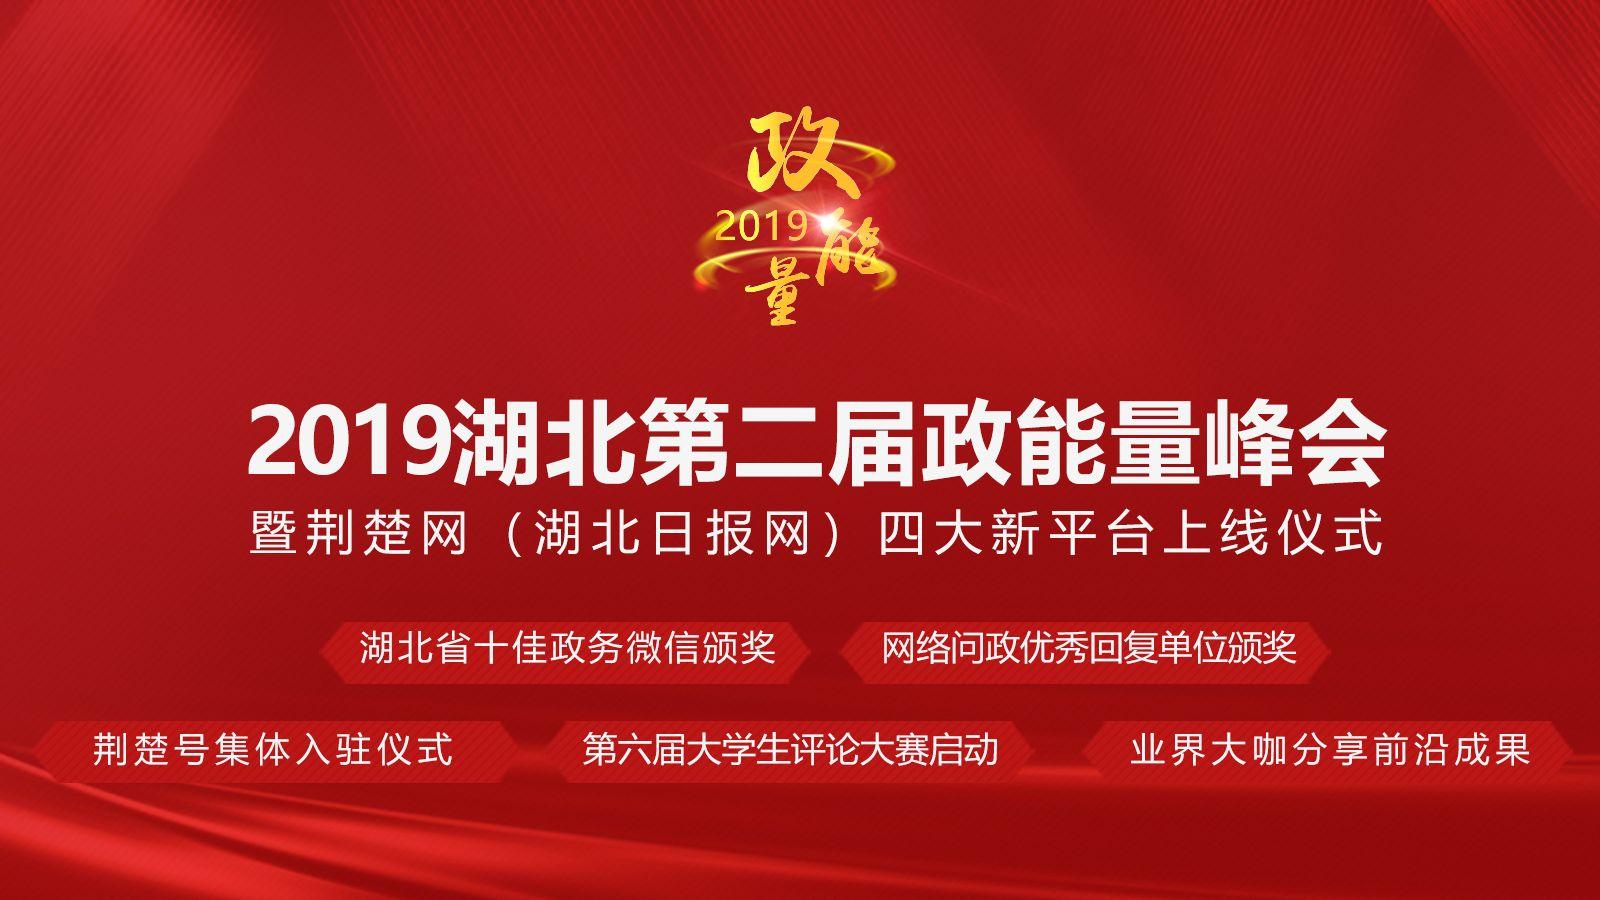 2019湖北第二届政能量峰会今日开幕 六大亮点敬请期待